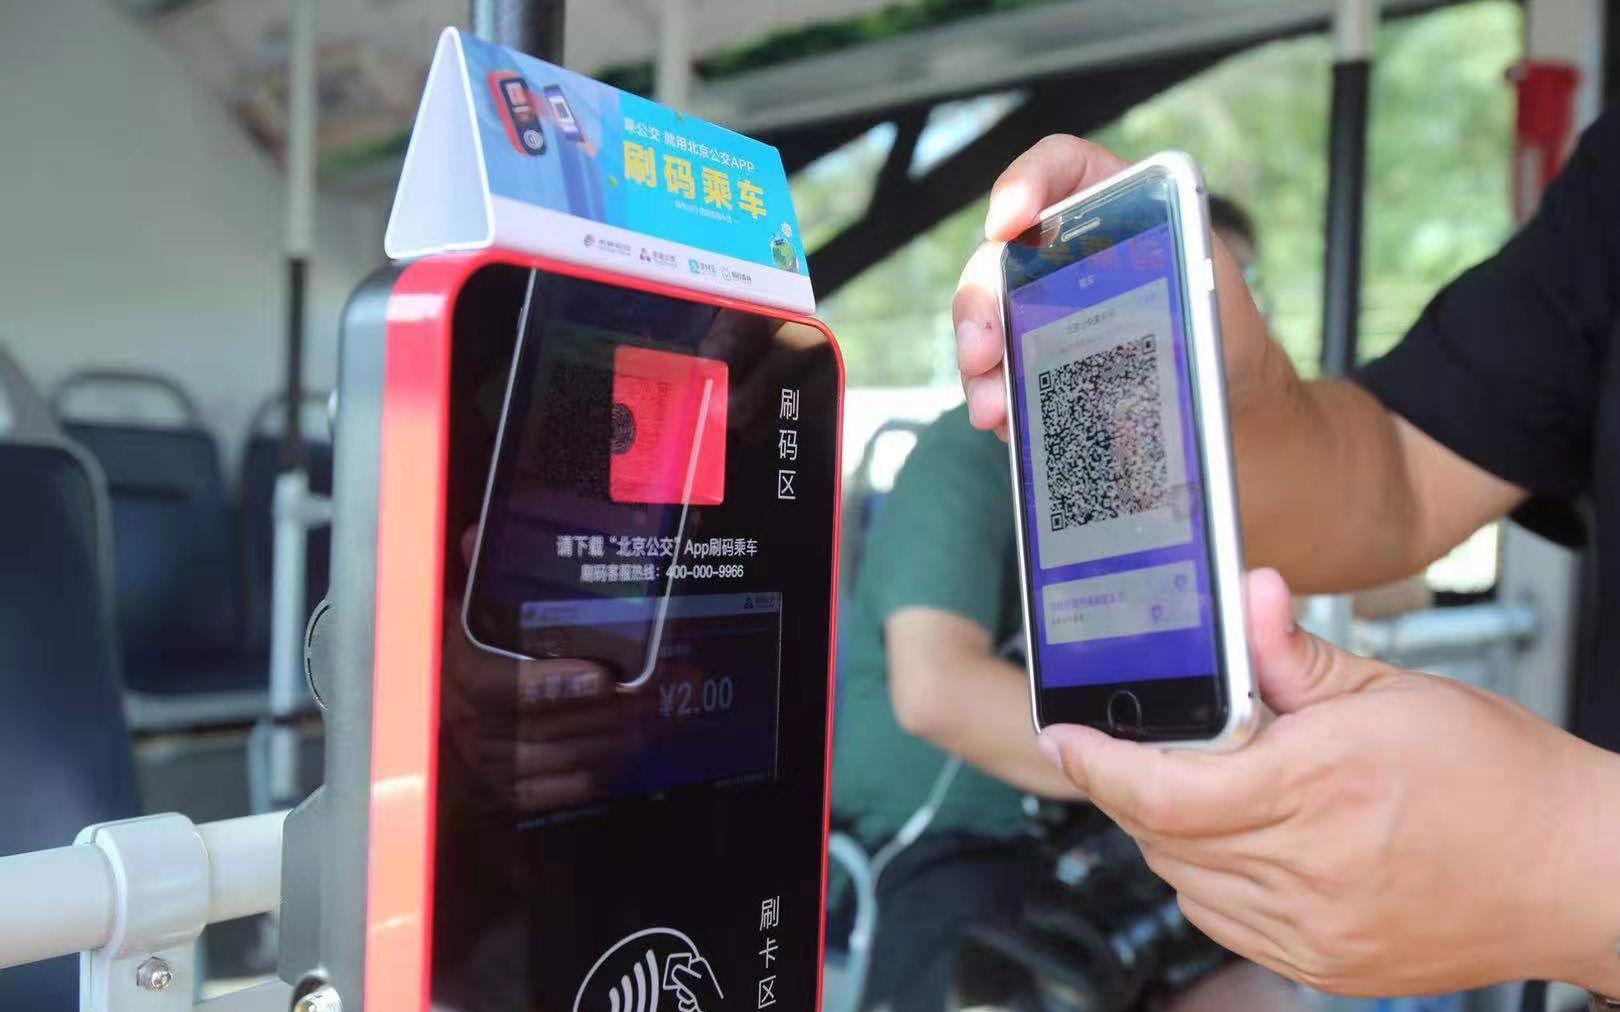 北京公交扫码乘车启用 年底前公交地铁有望一码通乘